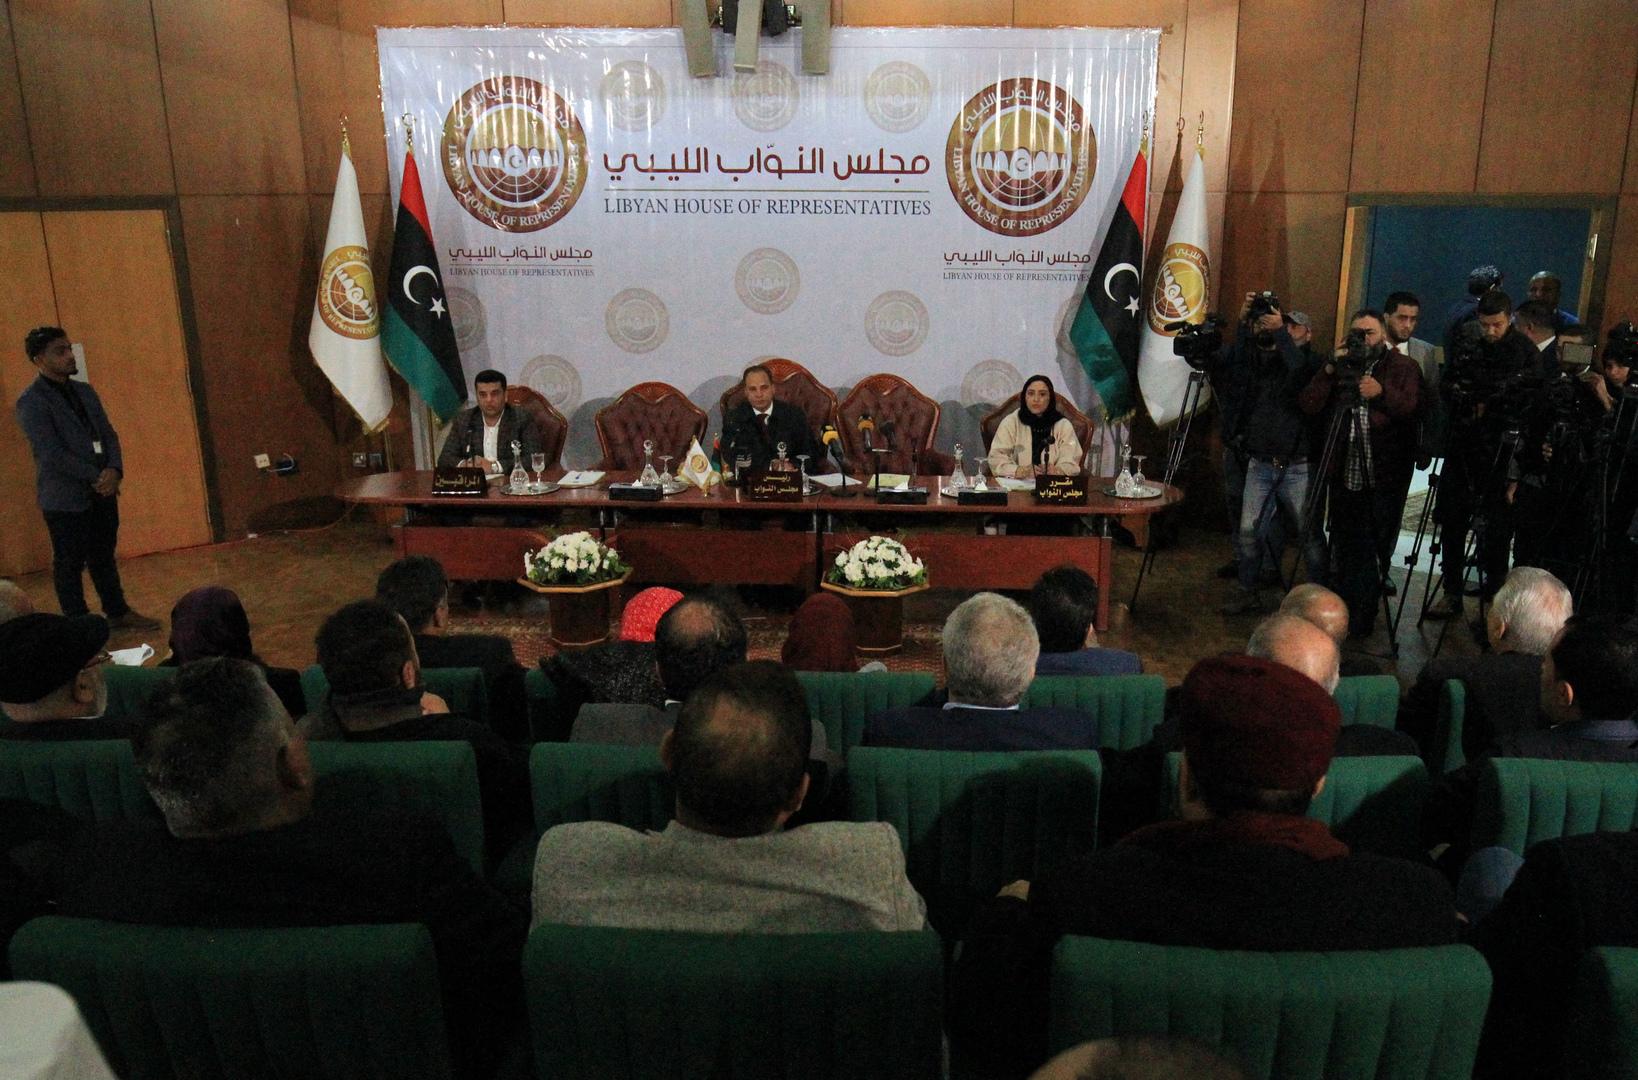 مجلس النواب الليبي في ثالث جلسة لمنح الثقة للحكومة الجديدة